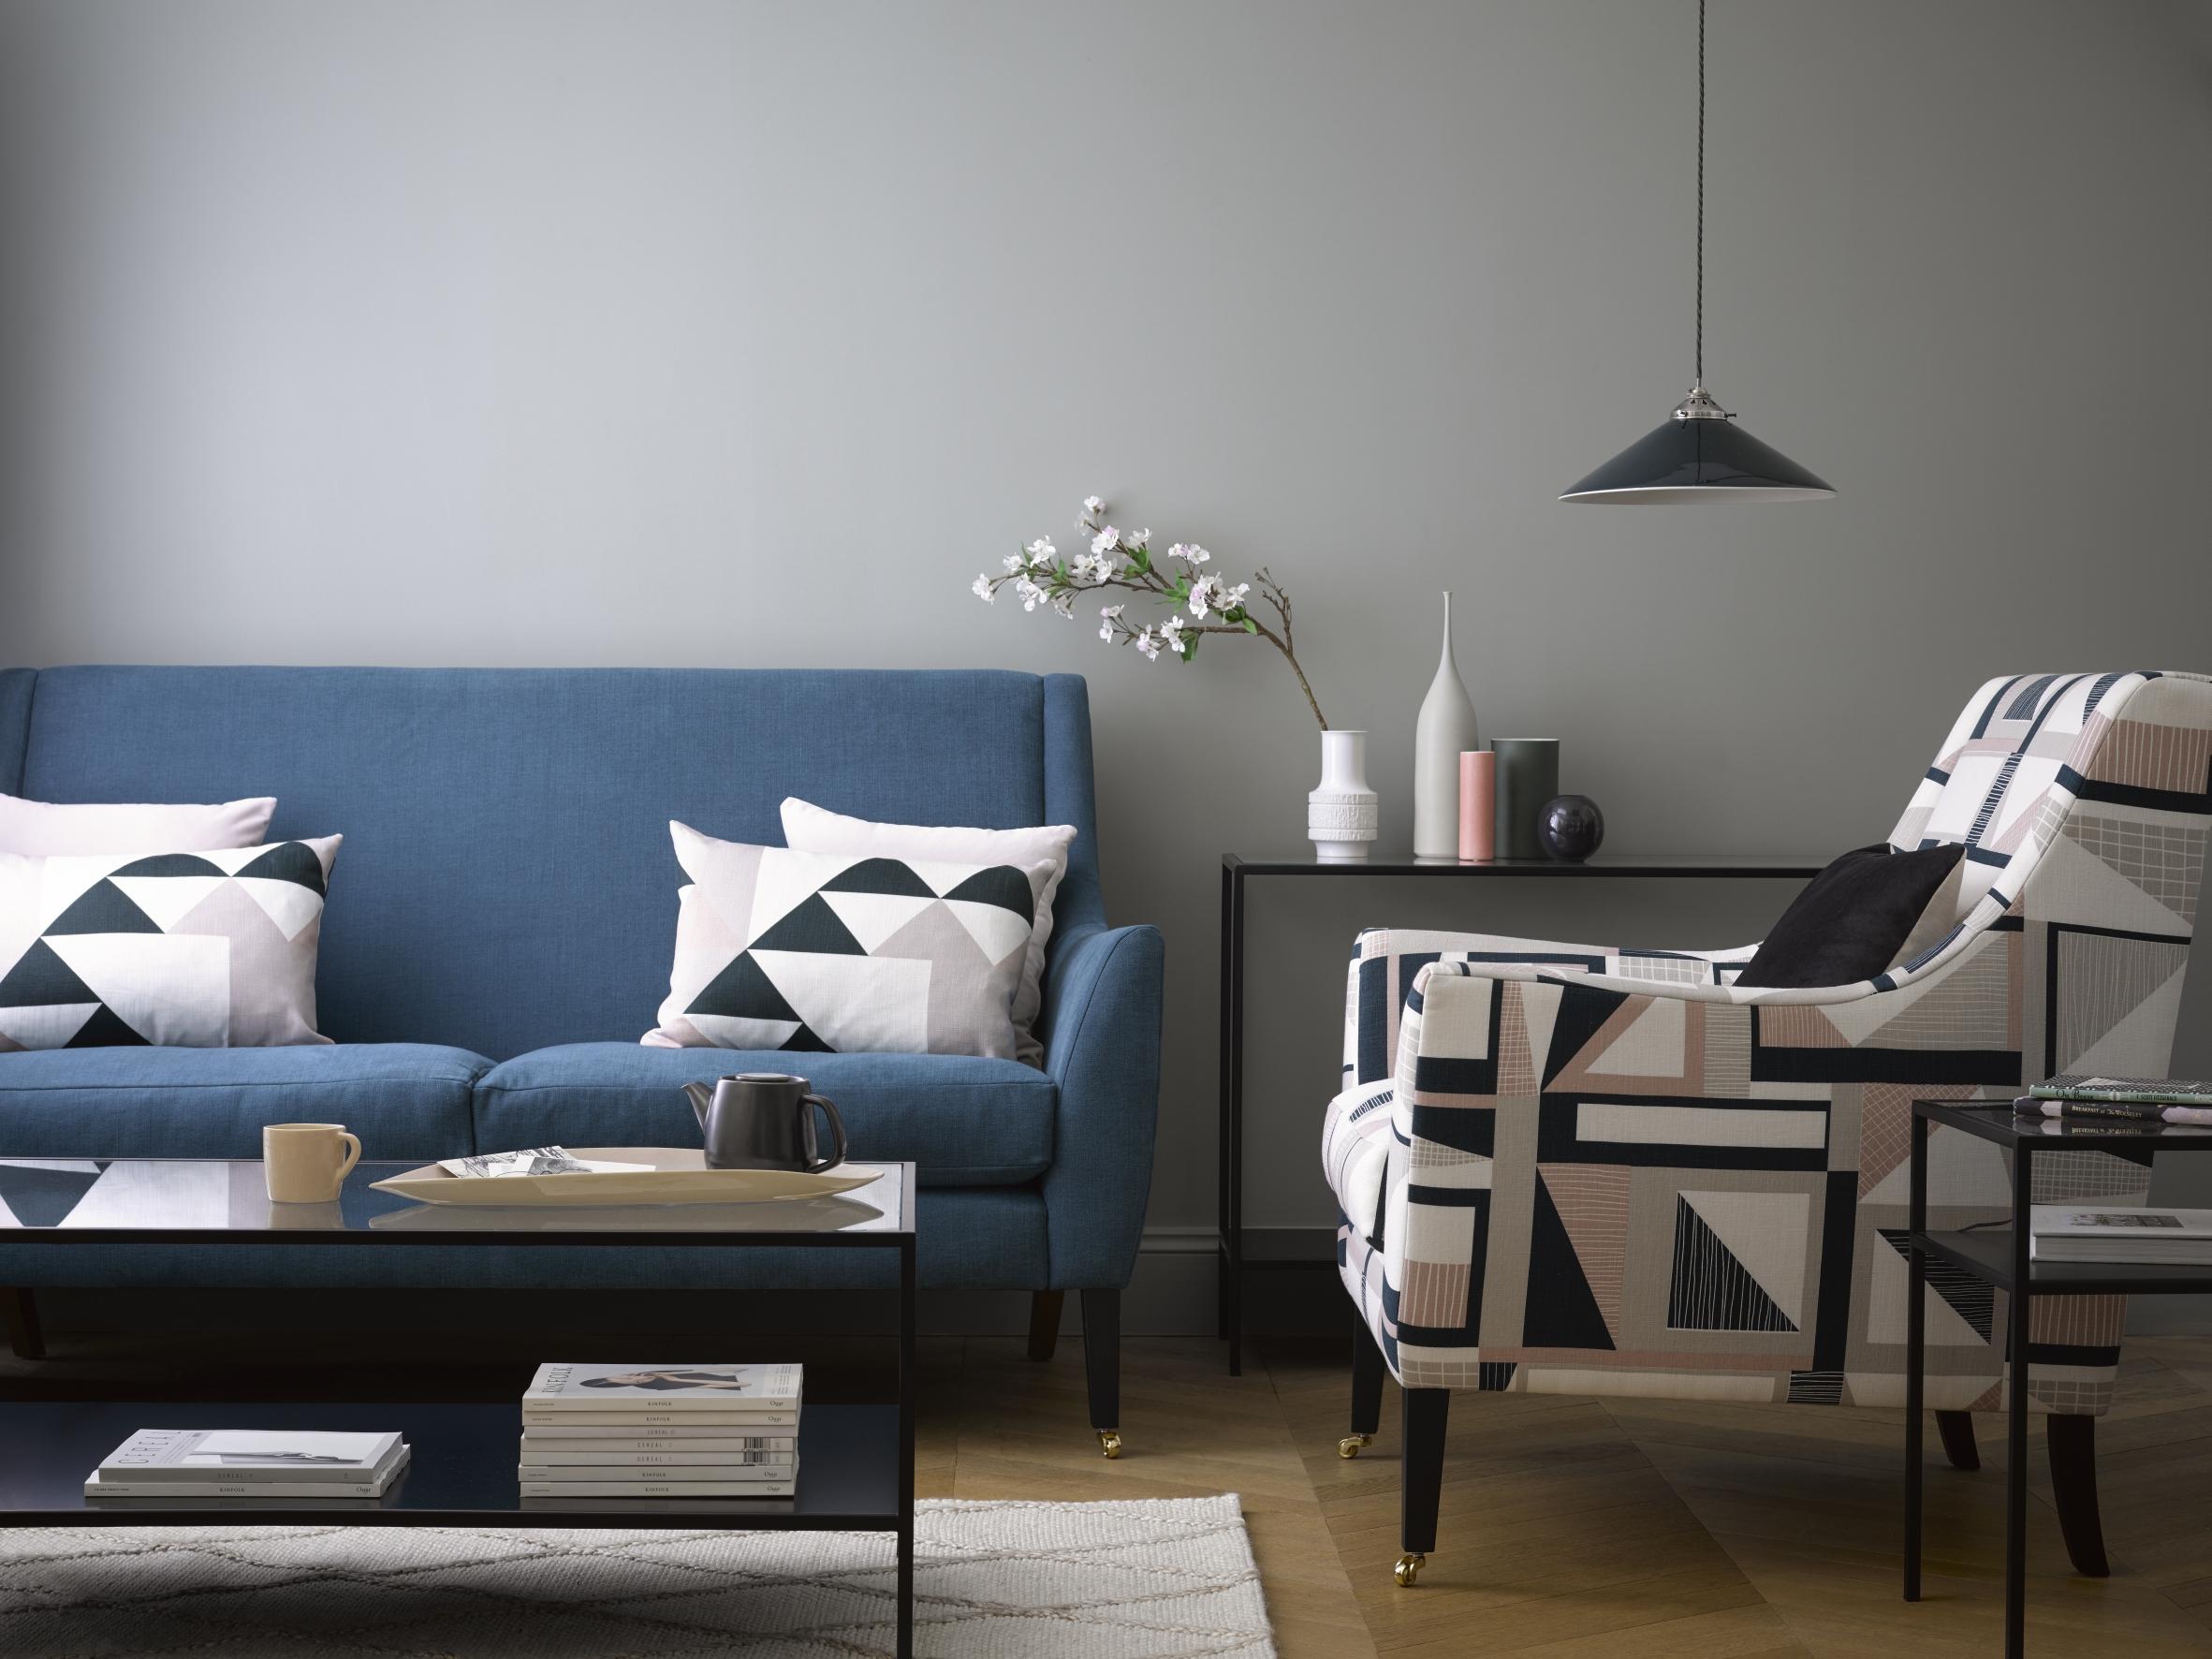 Sofa.com - Walter and Tamasyn Gampbell.jpg